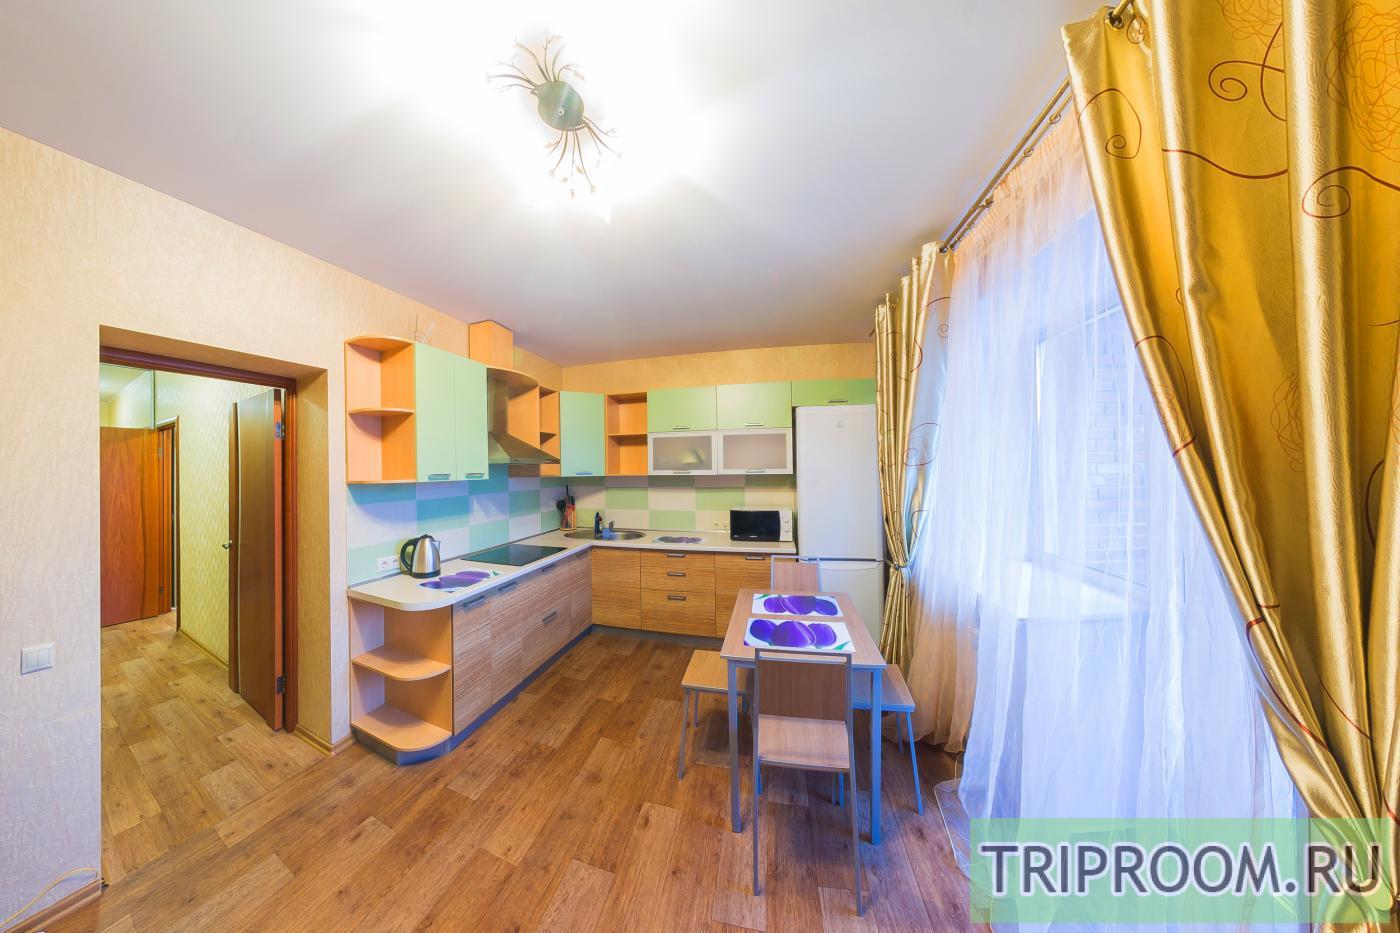 2-комнатная квартира посуточно (вариант № 2738), ул. Геодезическая улица, фото № 6